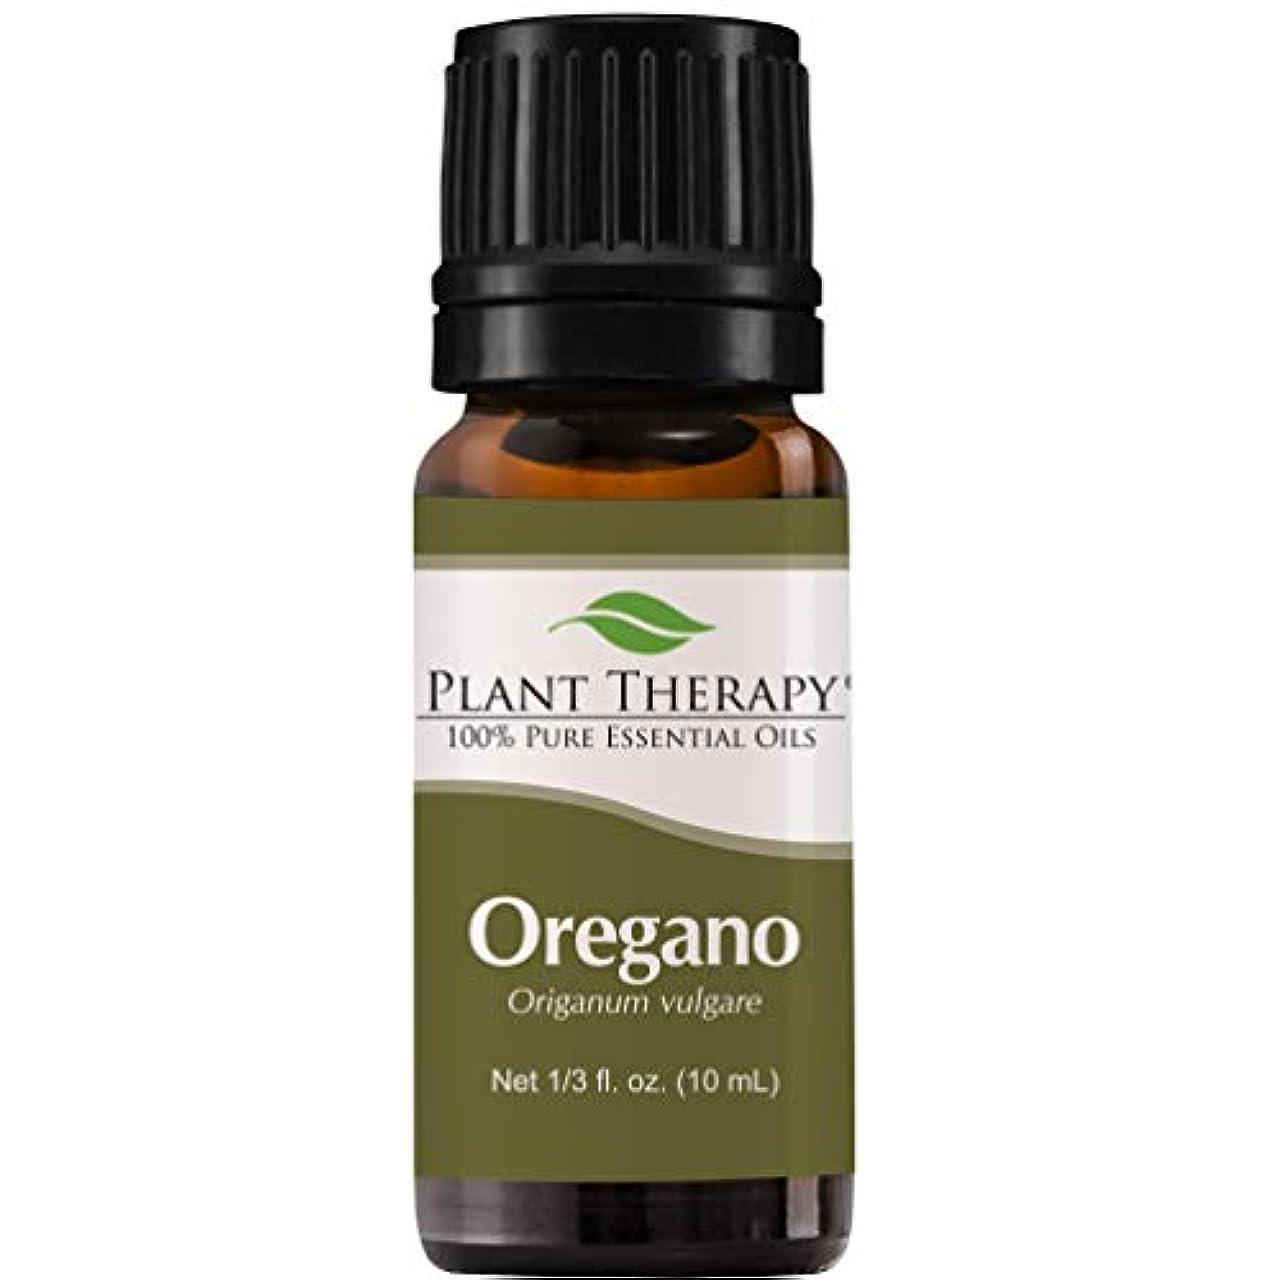 攻撃的征服する哲学者Plant Therapy Essential Oils (プラントセラピー エッセンシャルオイル) オレガノ (オリガヌム) エッセンシャルオイル